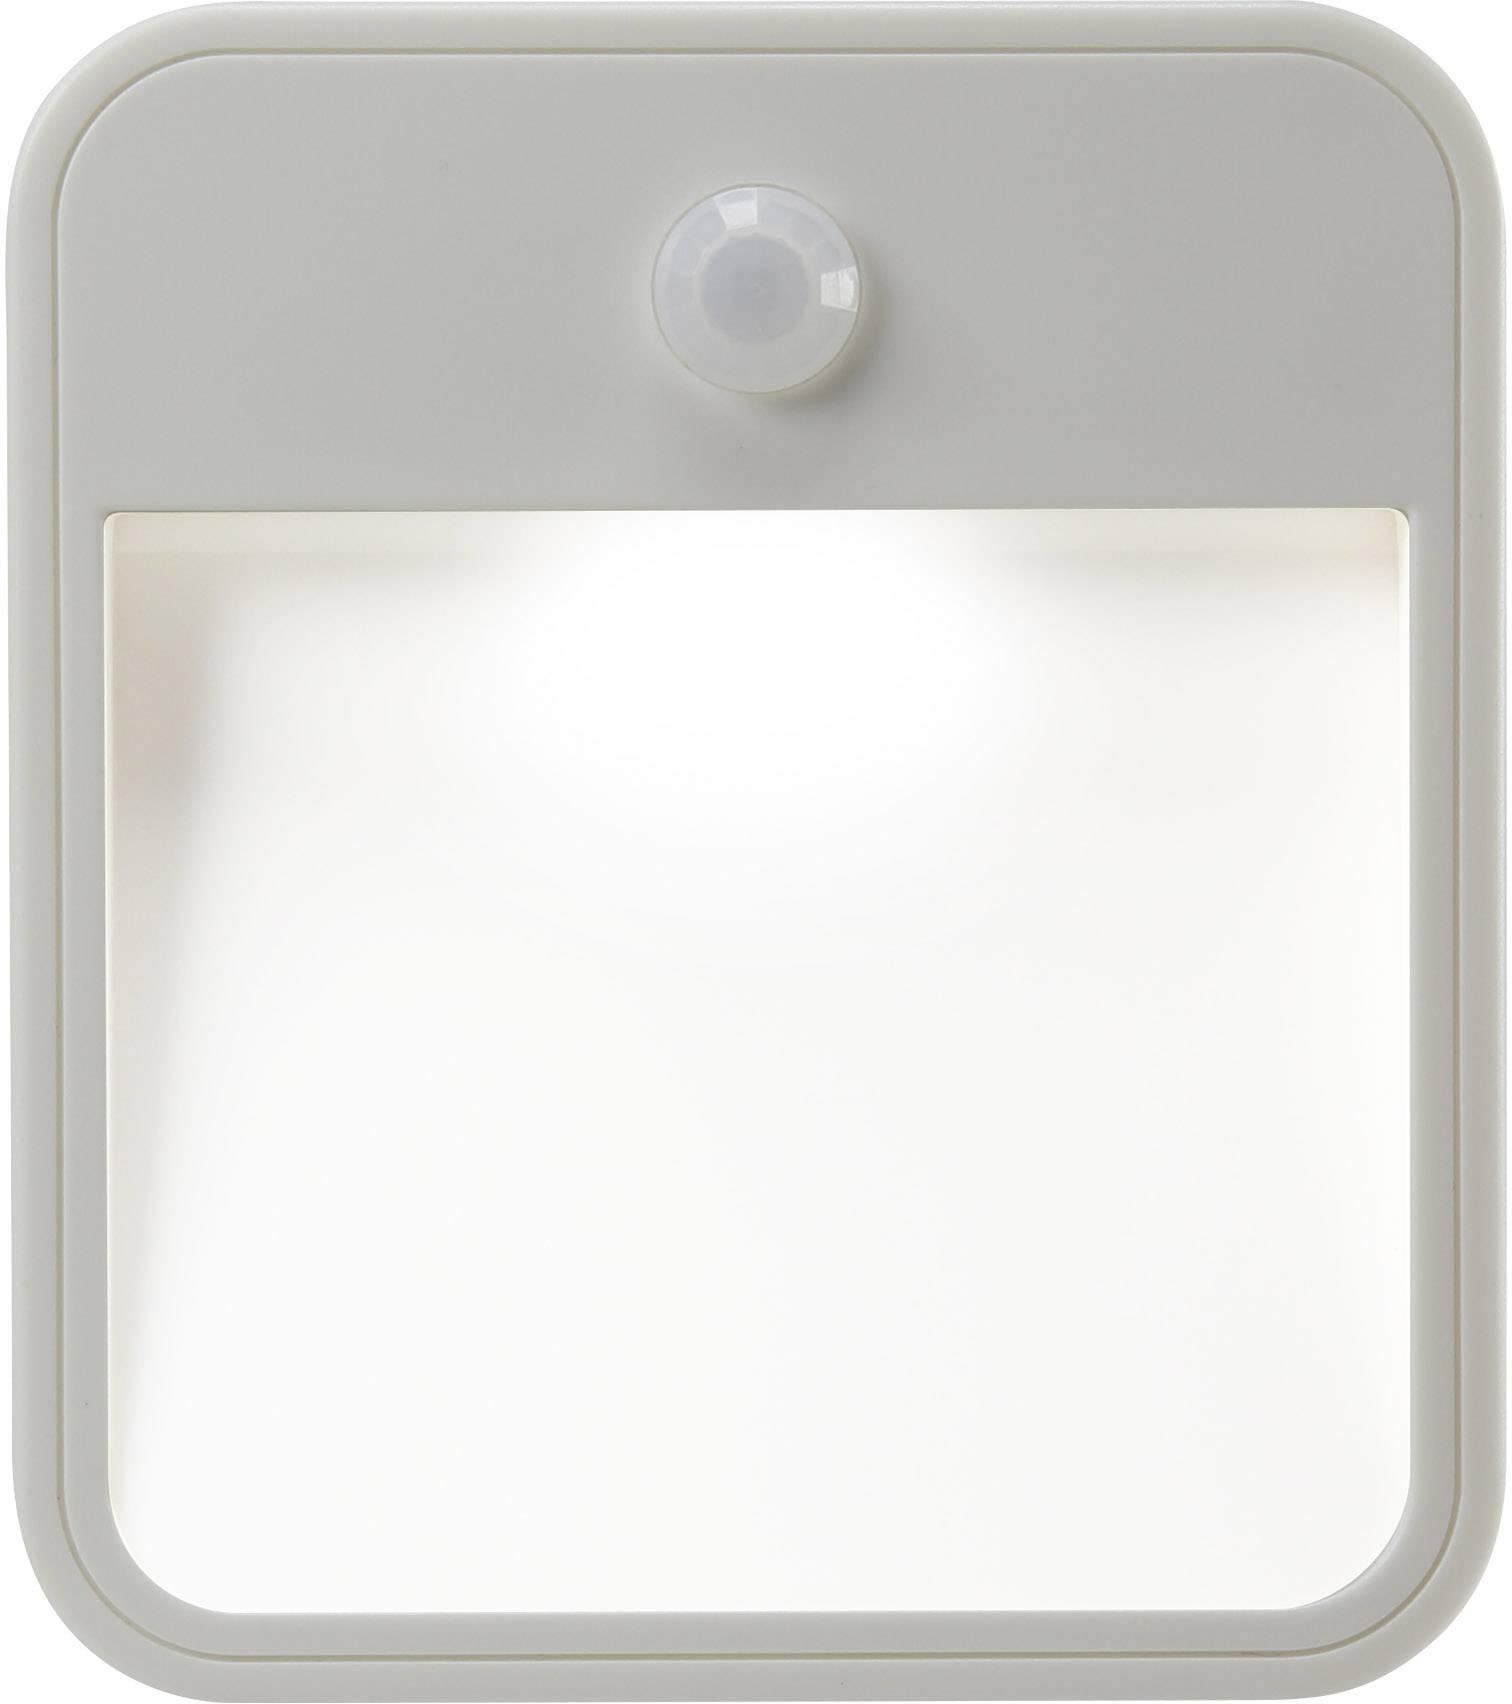 Noční LED světlo Renkforce, studená bílá, PIR senzor